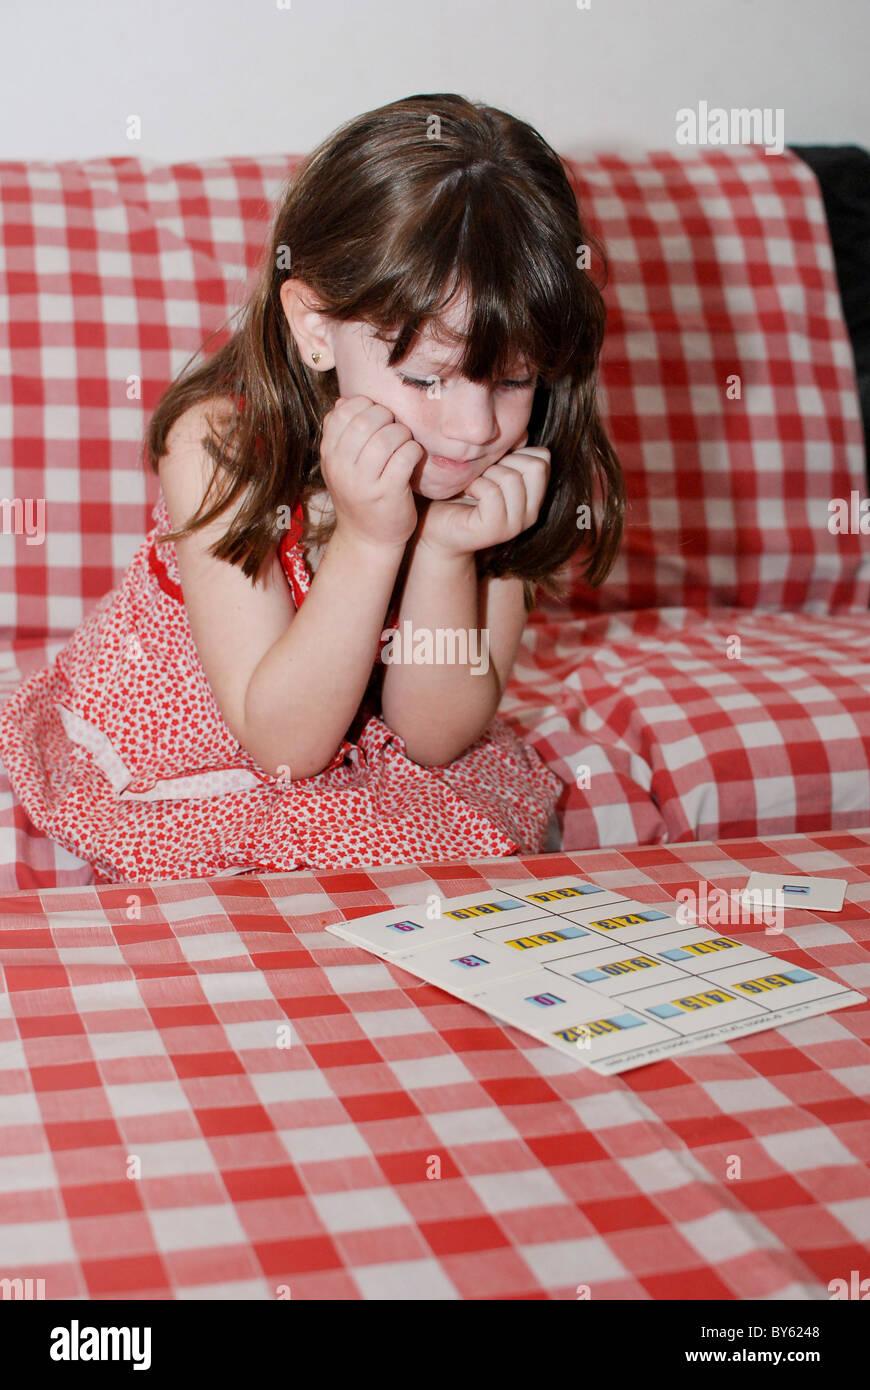 Giovane ragazza in età prescolare di 5 impara l'aritmetica Immagini Stock